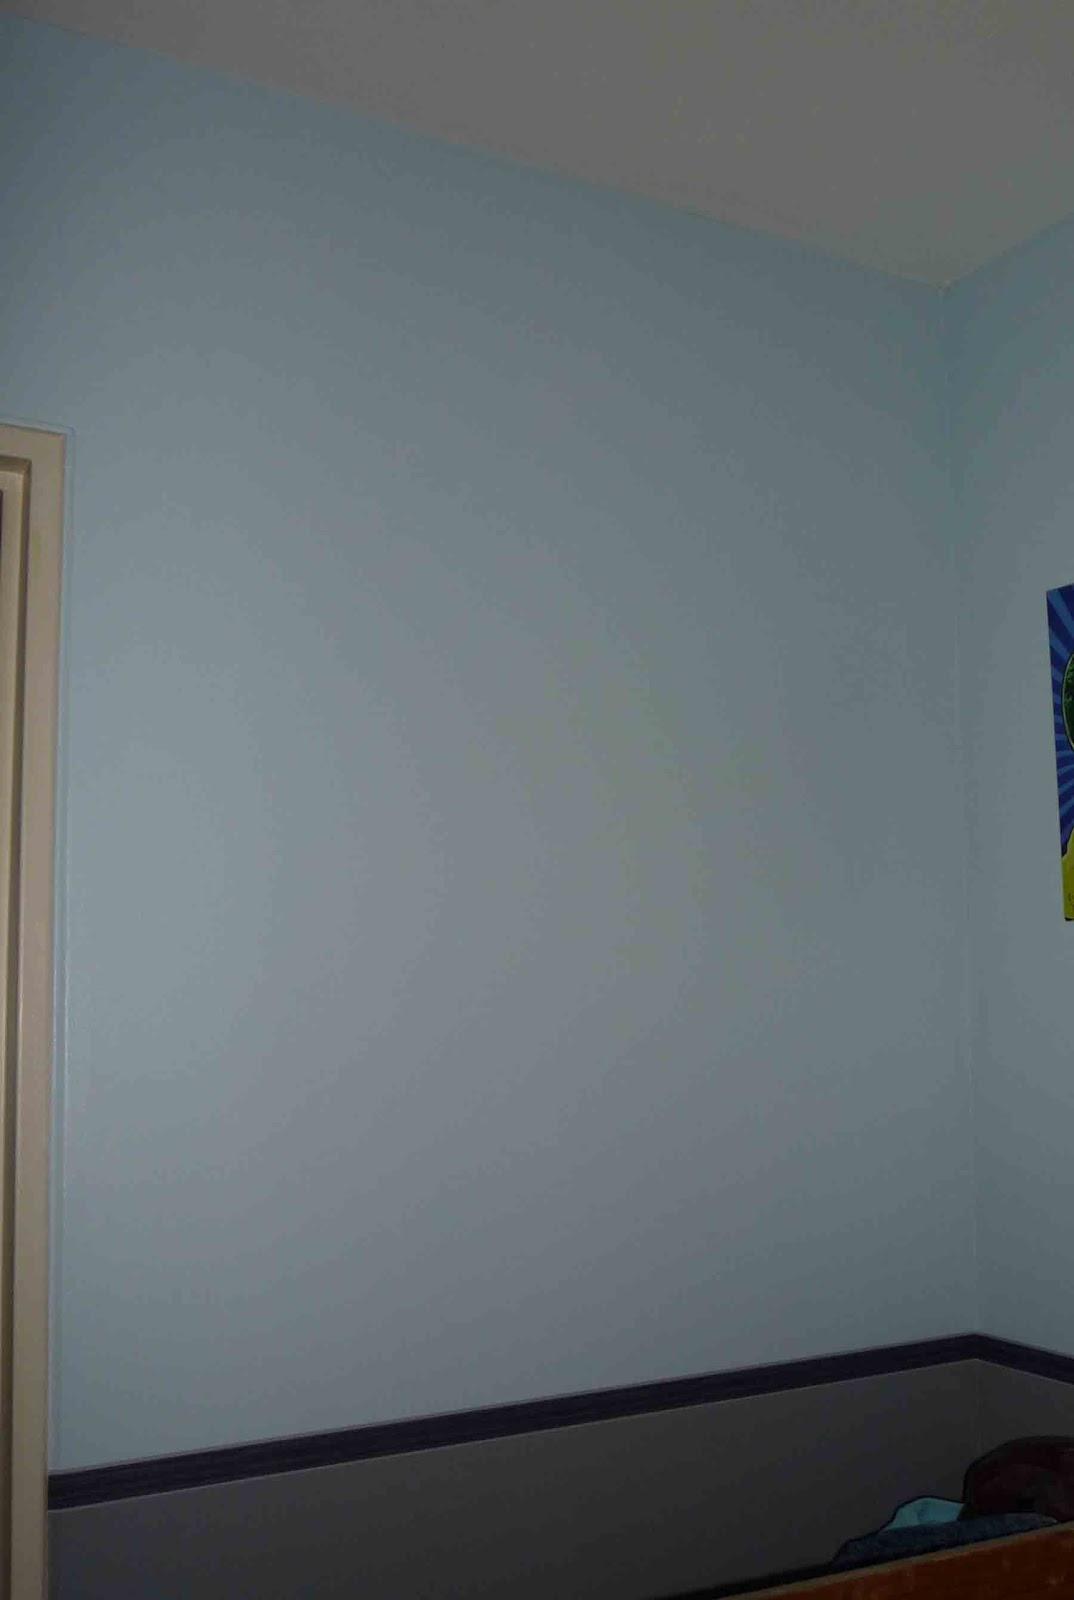 Graine de cactus avanc e des travaux 2 et 3 for Retouche peinture plafond